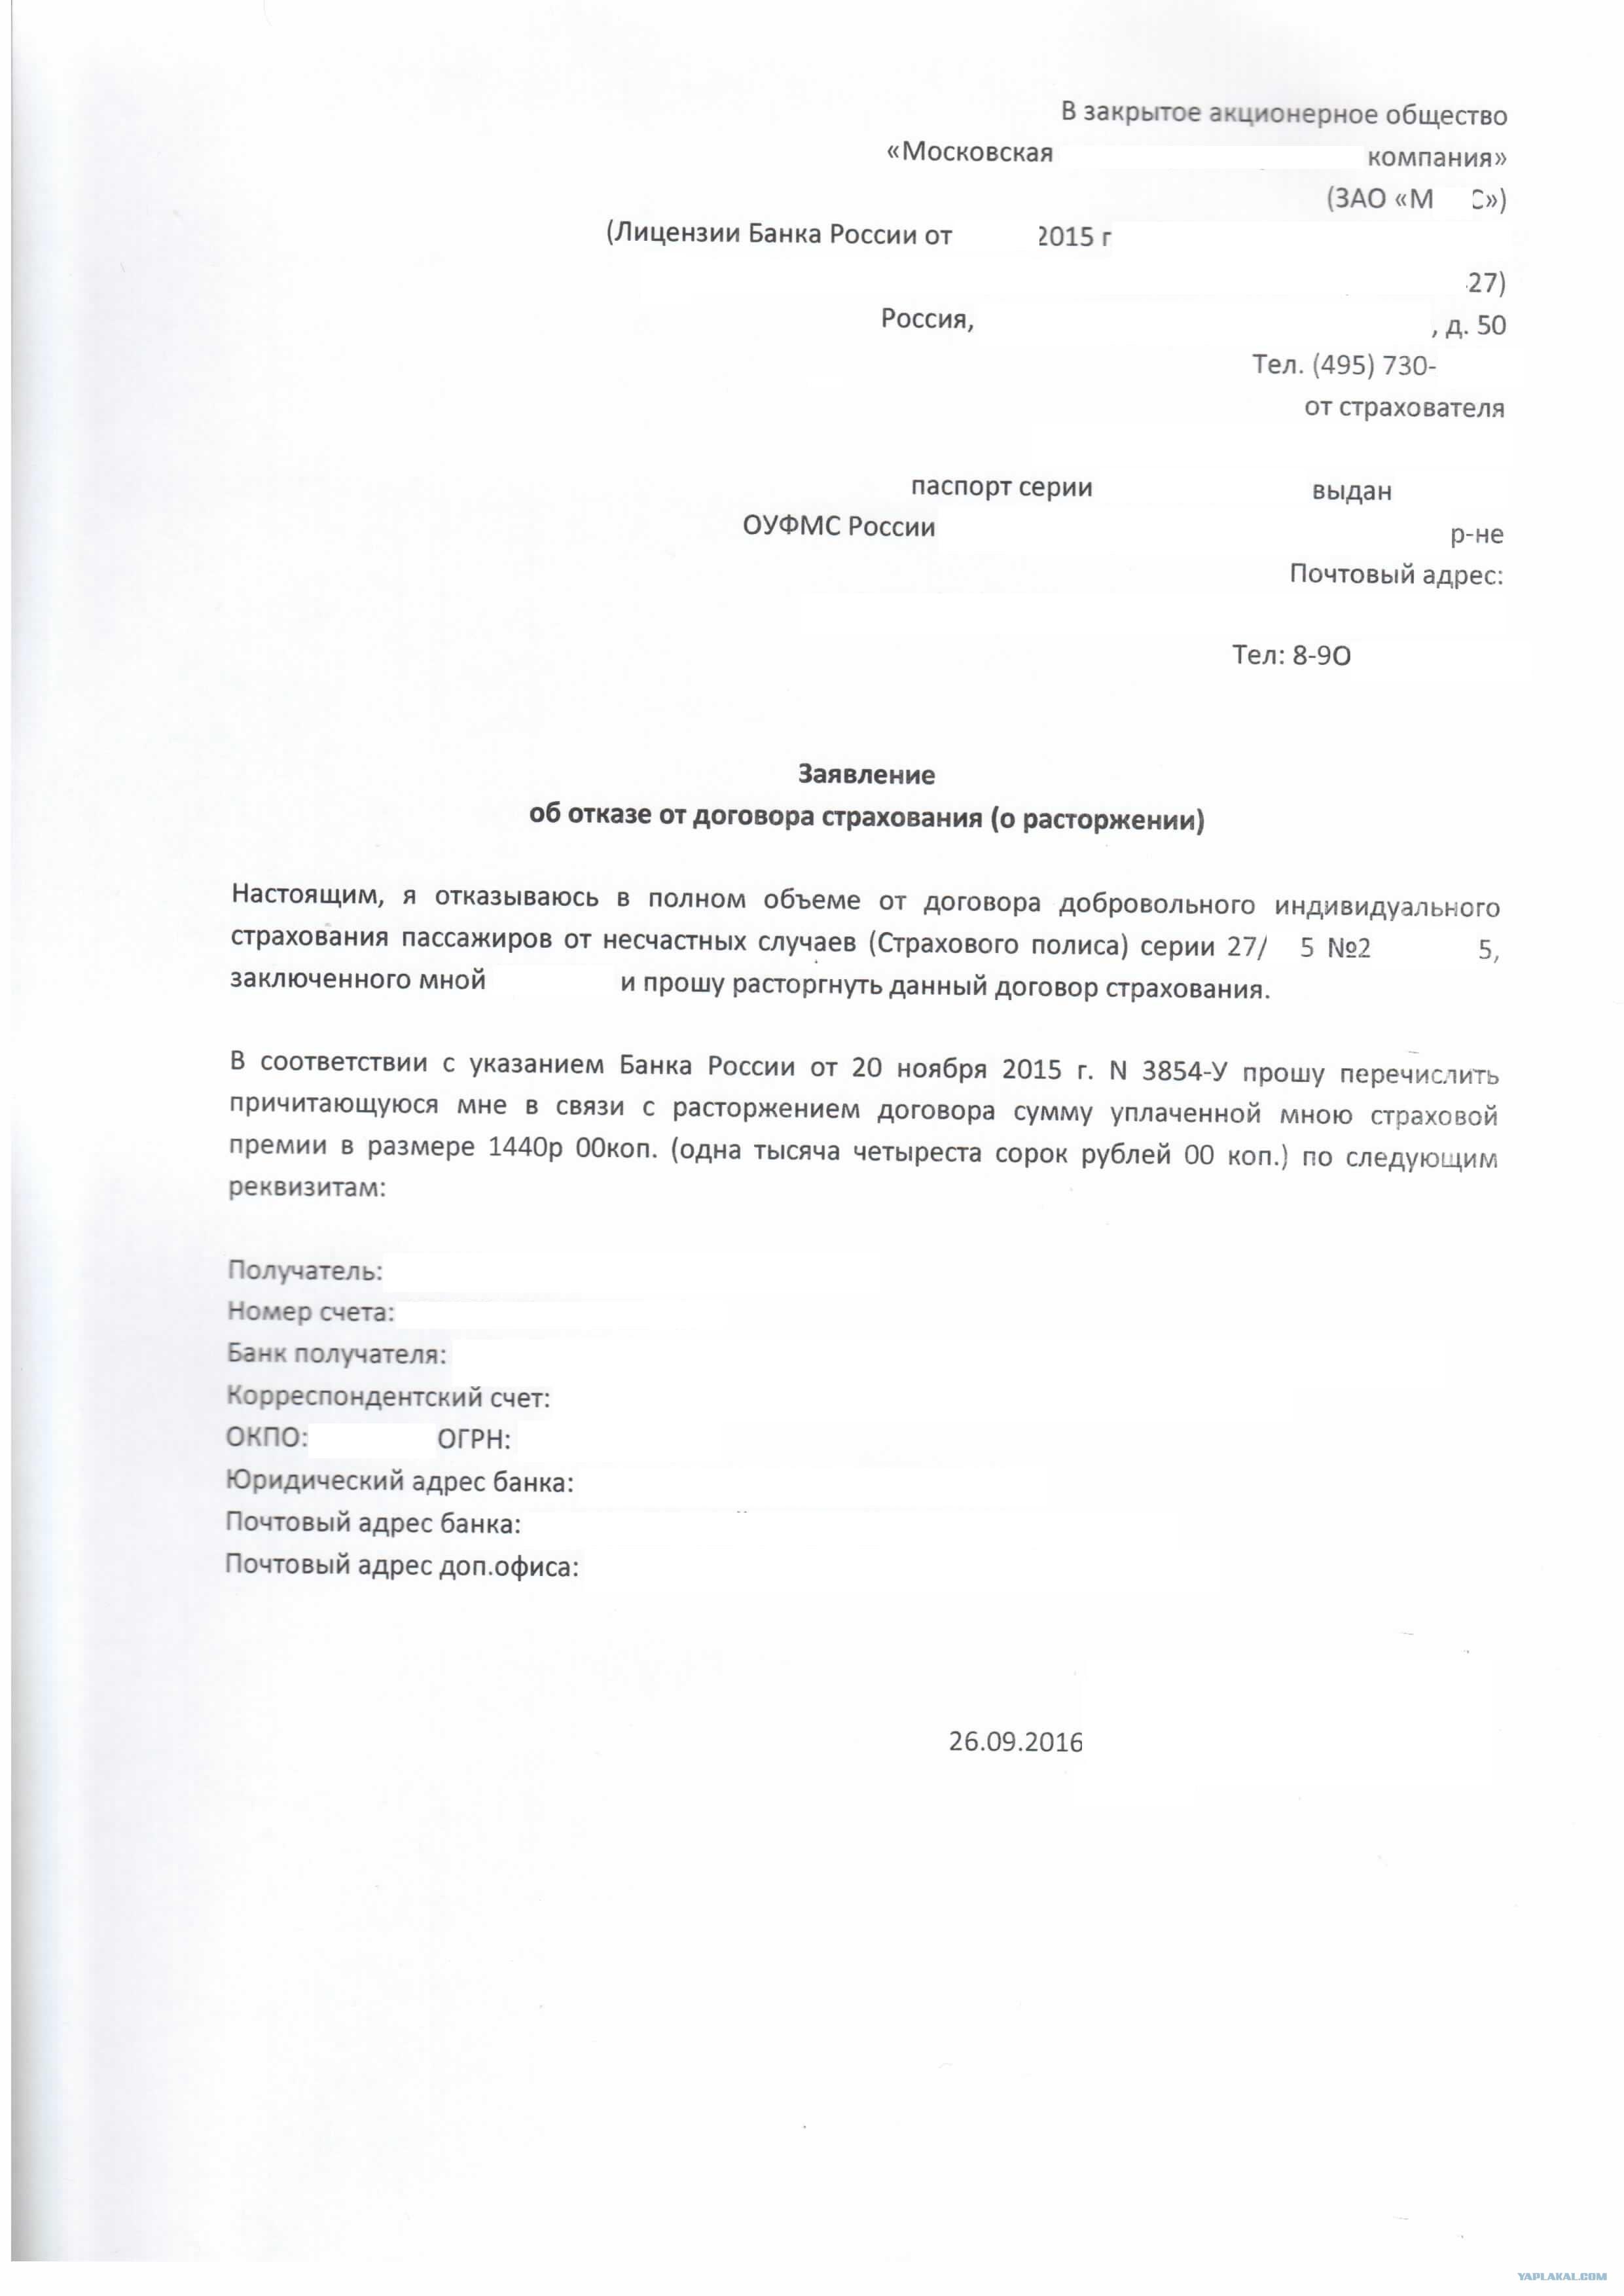 Быстрозайм официальный сайт москва